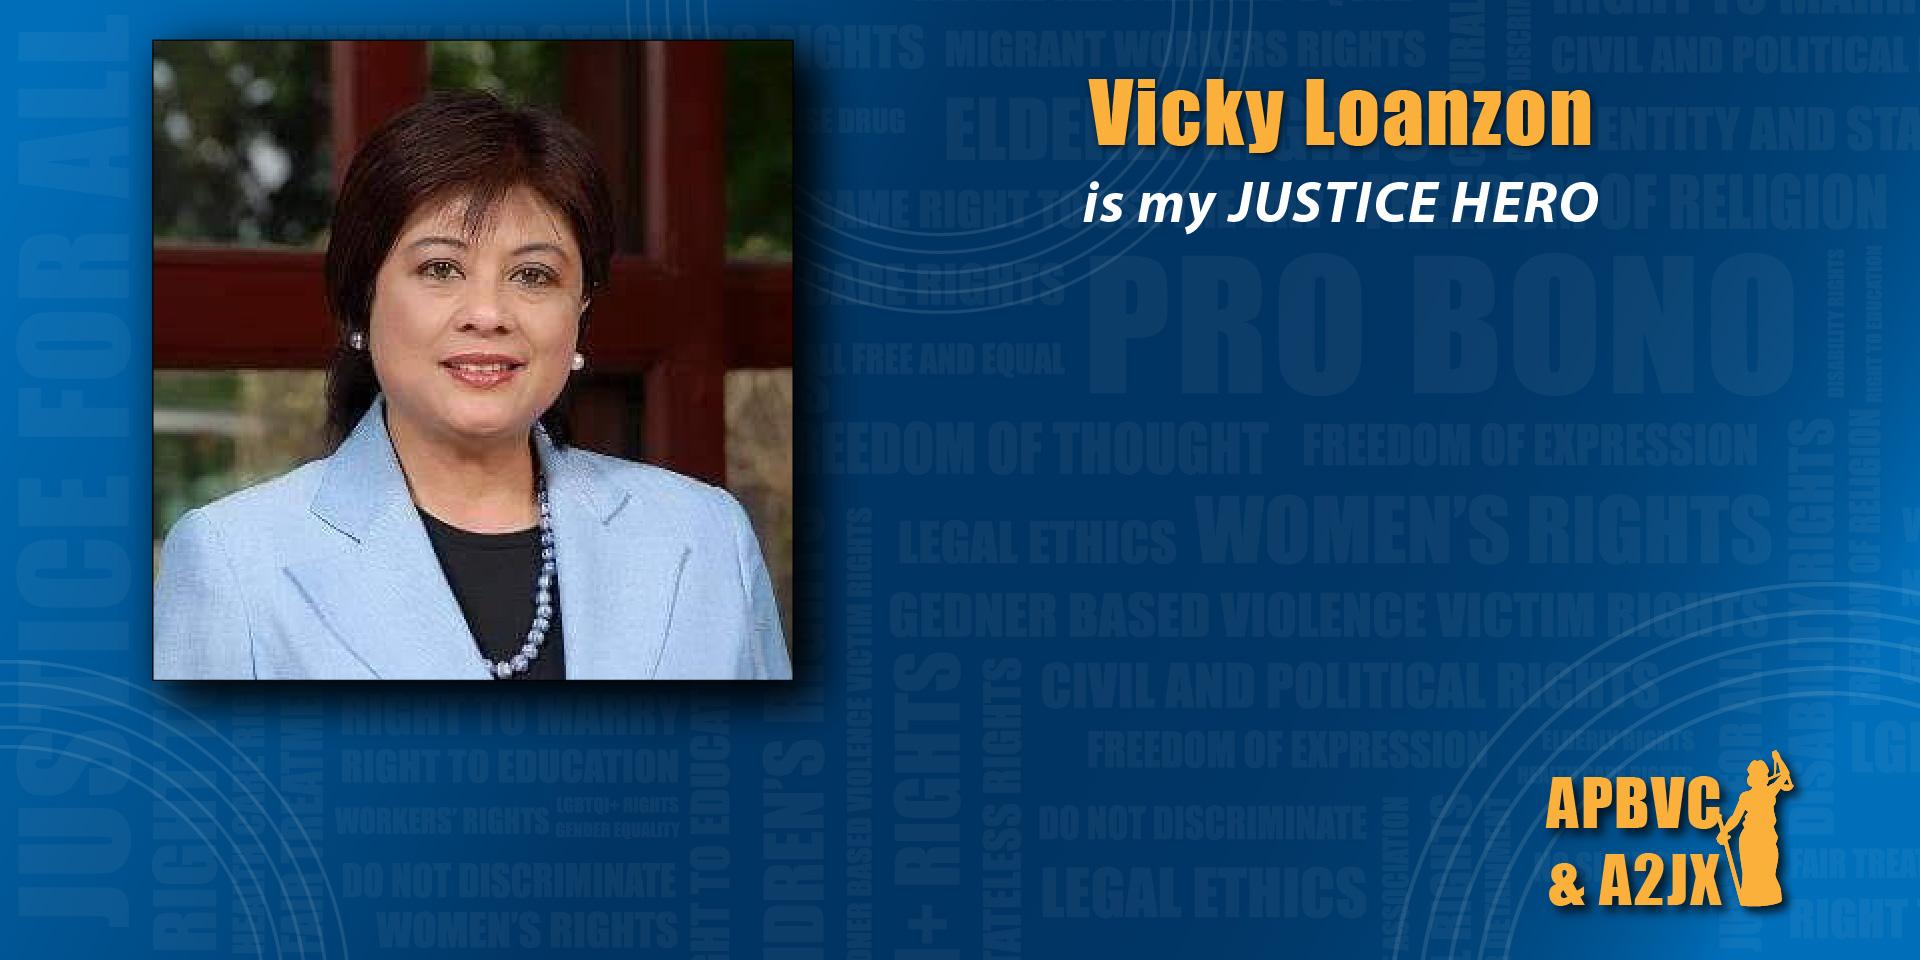 Vicky Loanzon